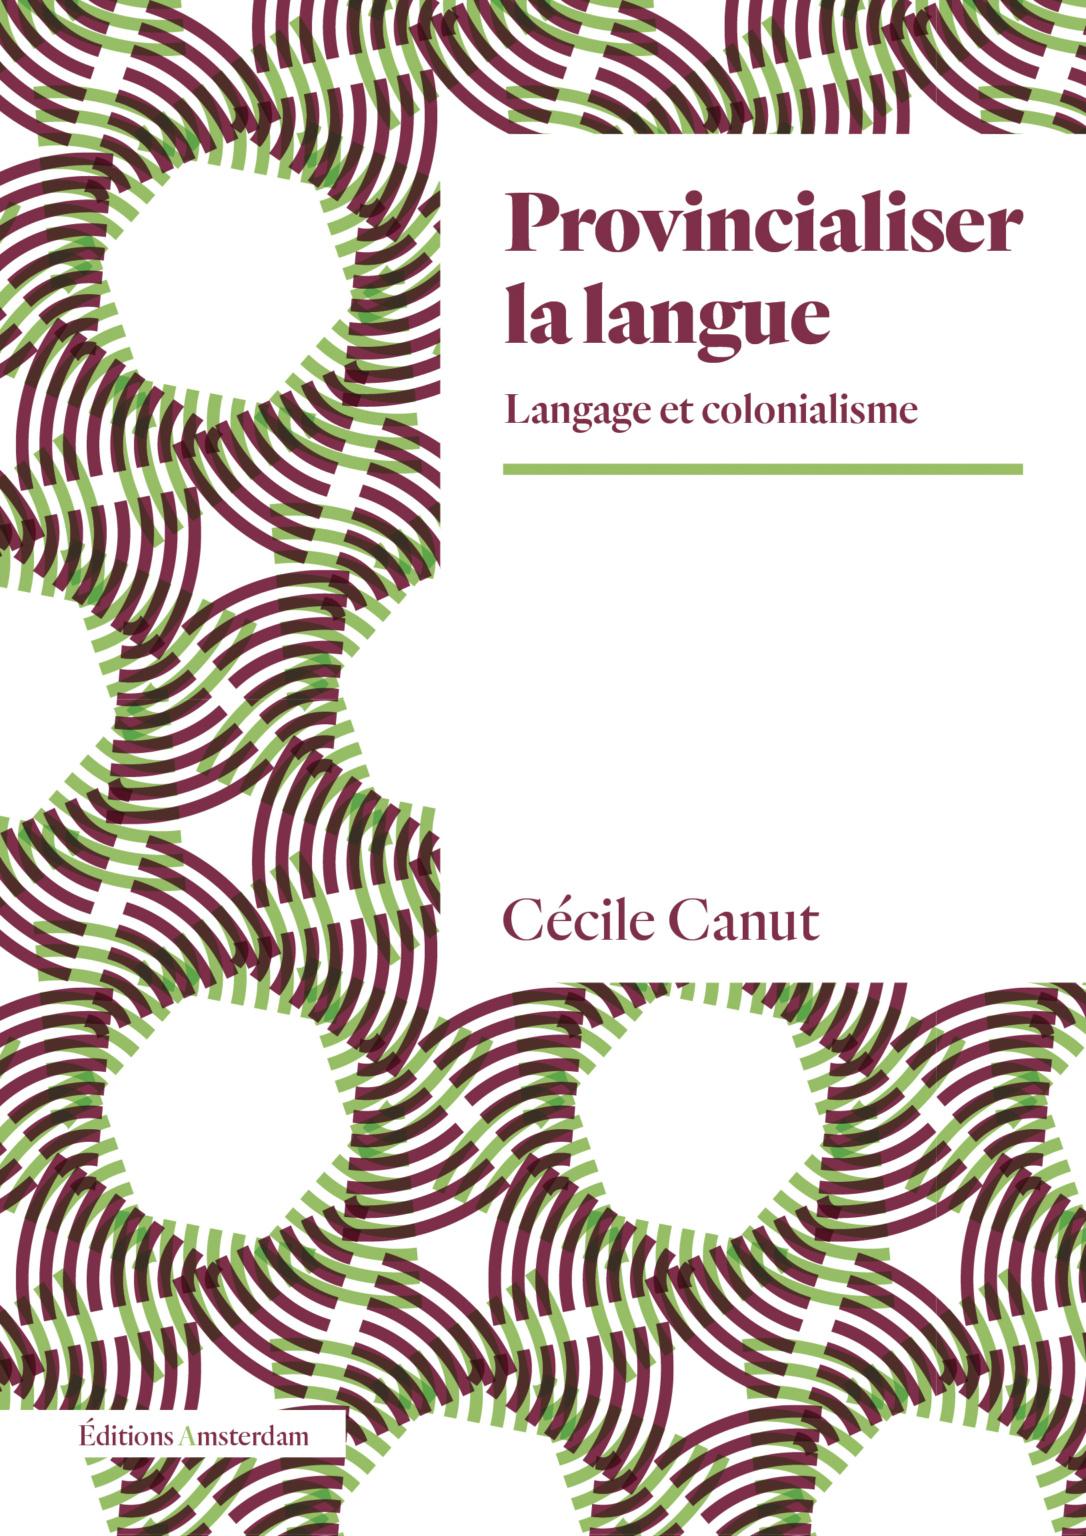 C; Canut, Provincialiser la langue. Langage et colonialisme